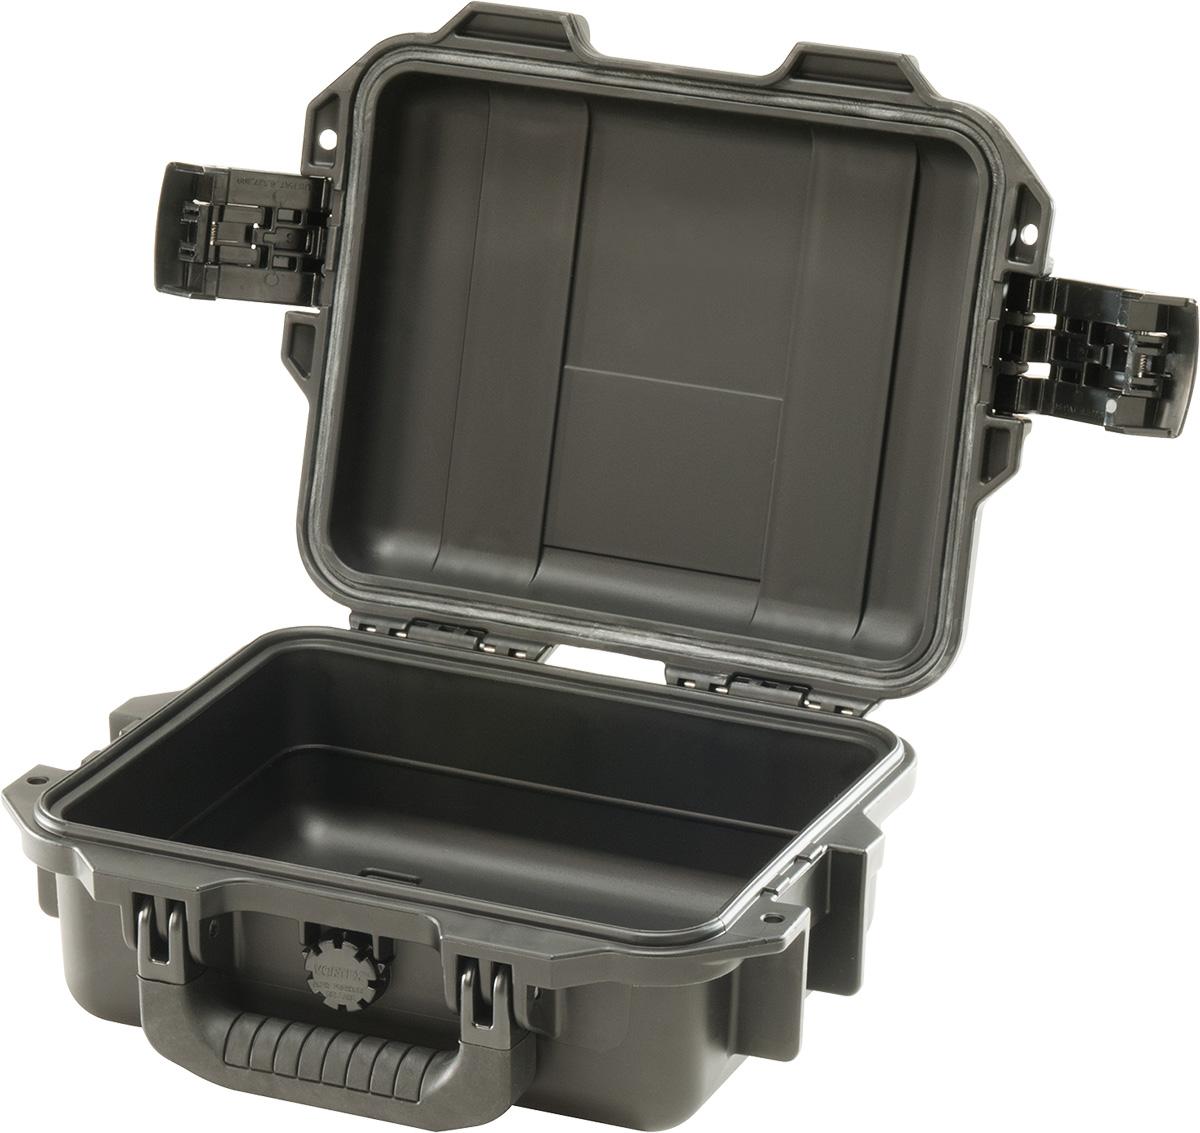 buy pelican storm im2050 shop waterproof gun pistol case